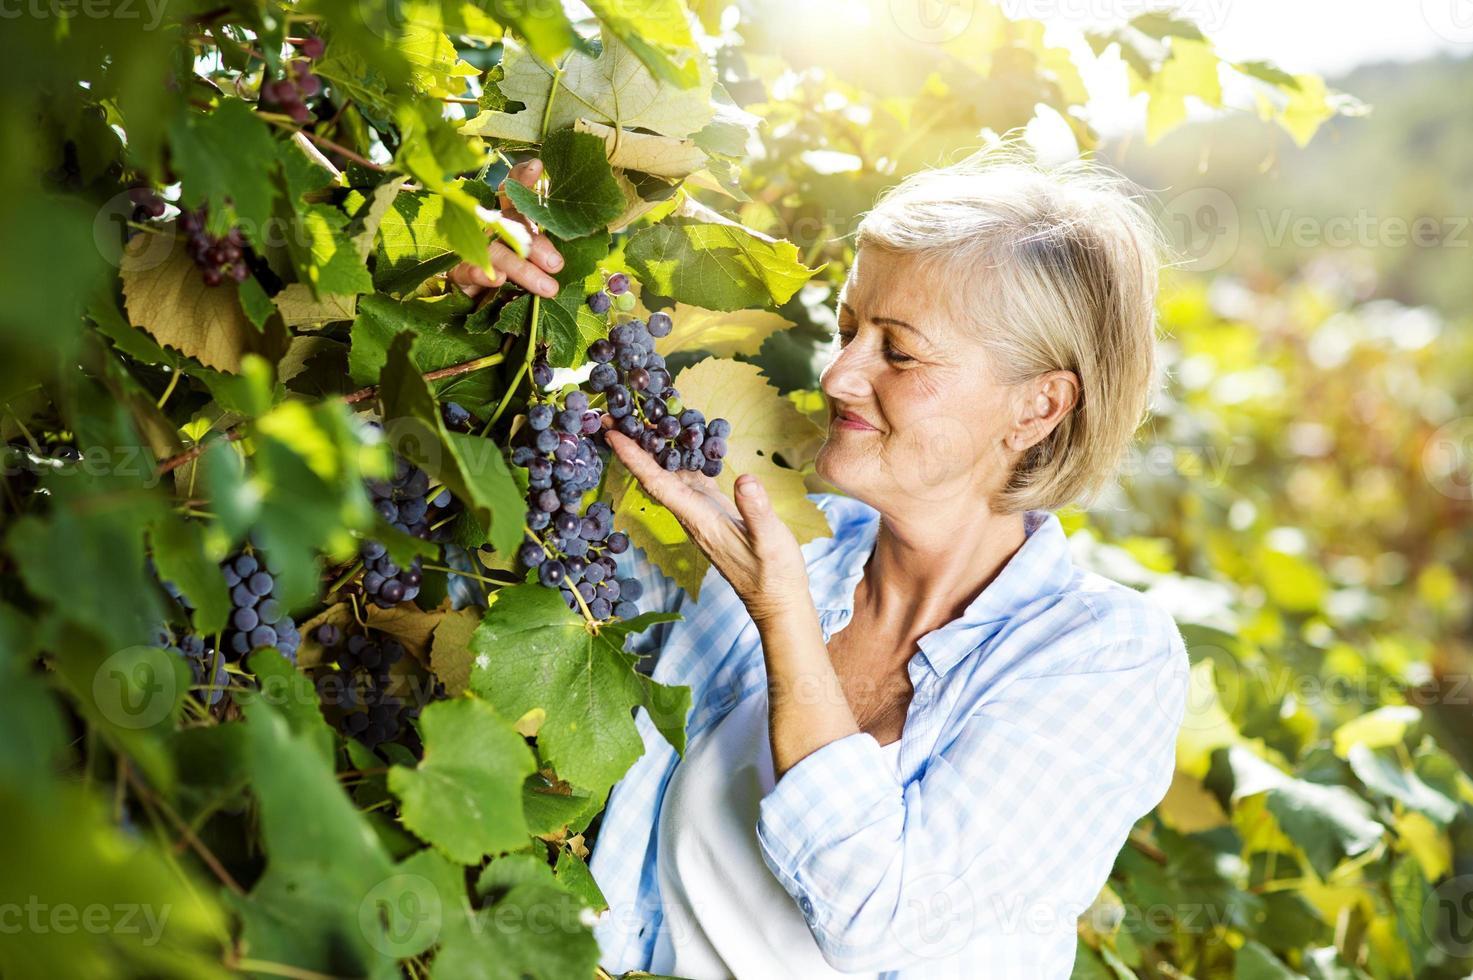 femme, vendange, raisins photo